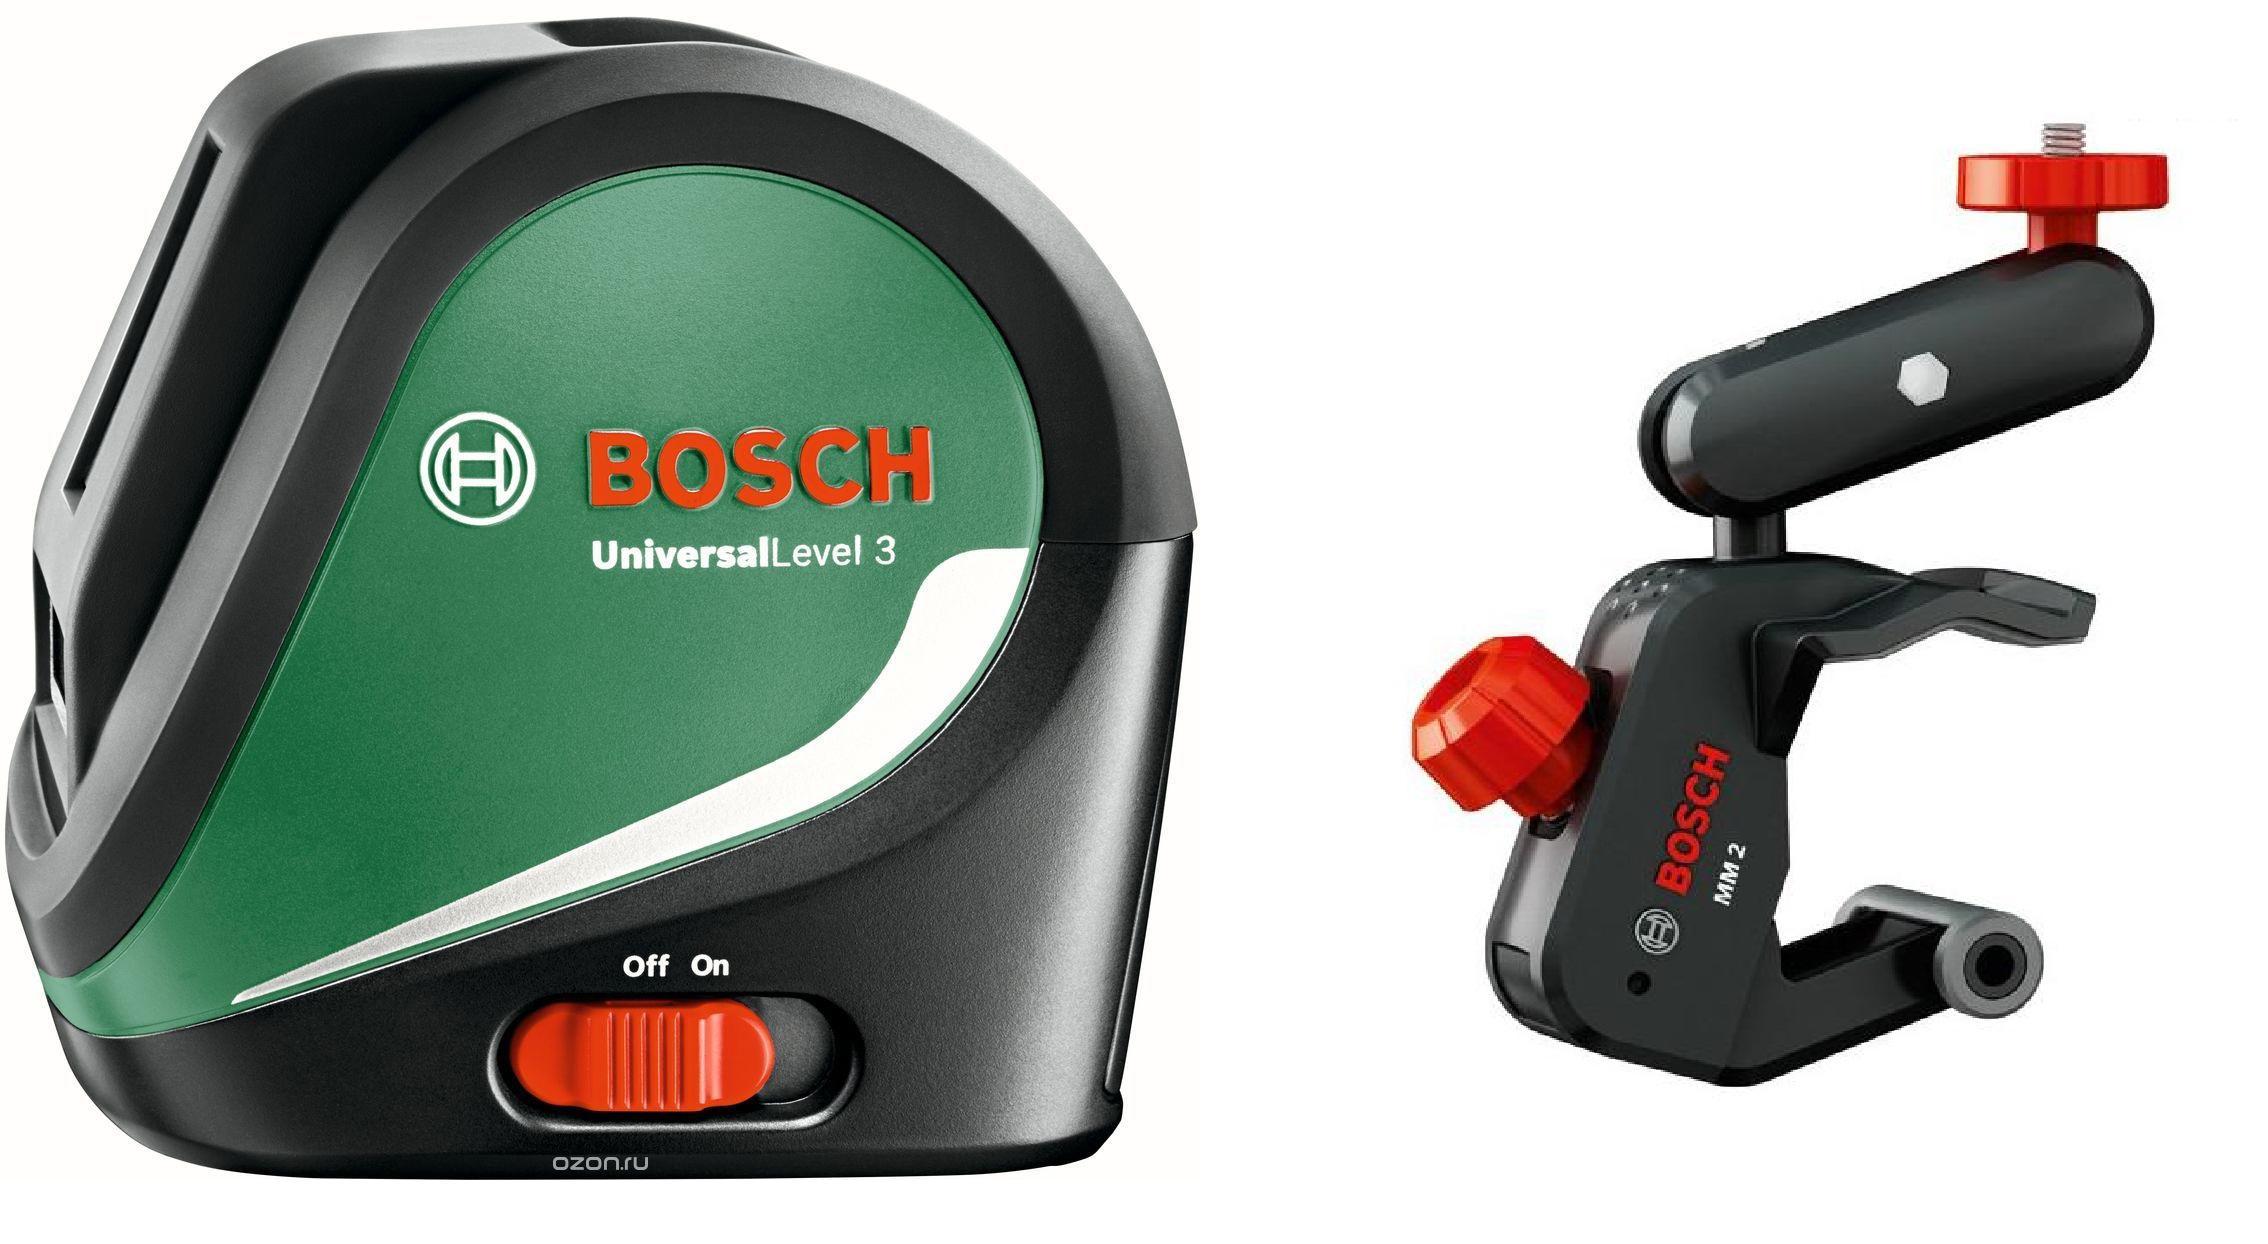 Набор Bosch Уровень universallevel 3 basic (0.603.663.900) + Держатель 0.603.692.200